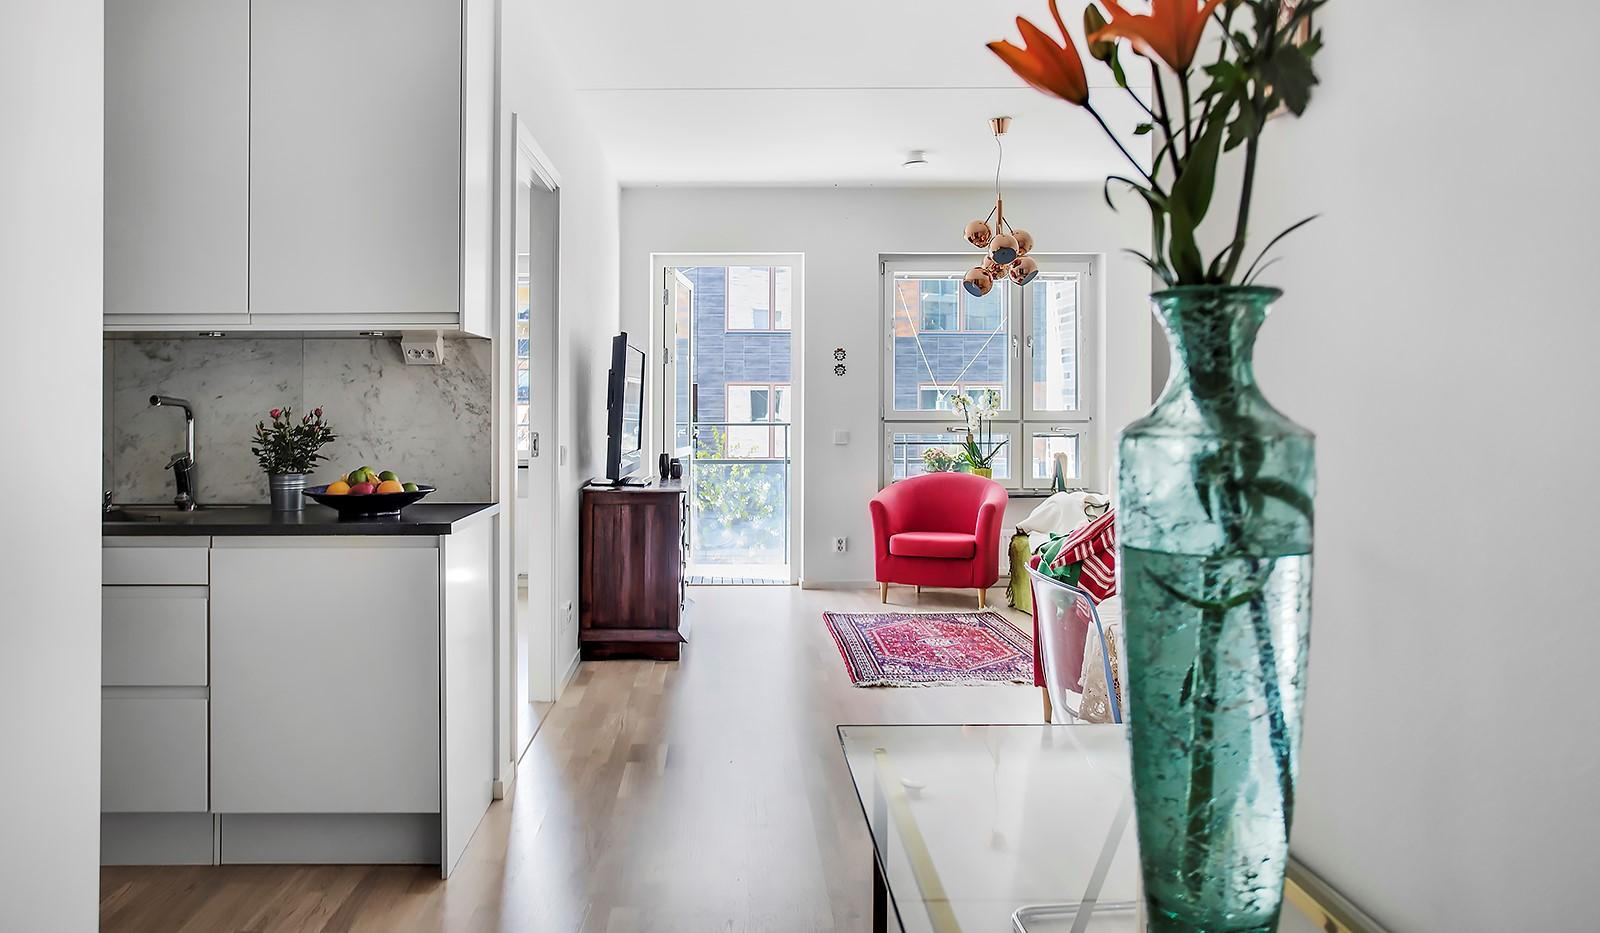 Fredriksdalsgatan 24, vån 2 - Genomtänk planlösning med väl fördelade ytor